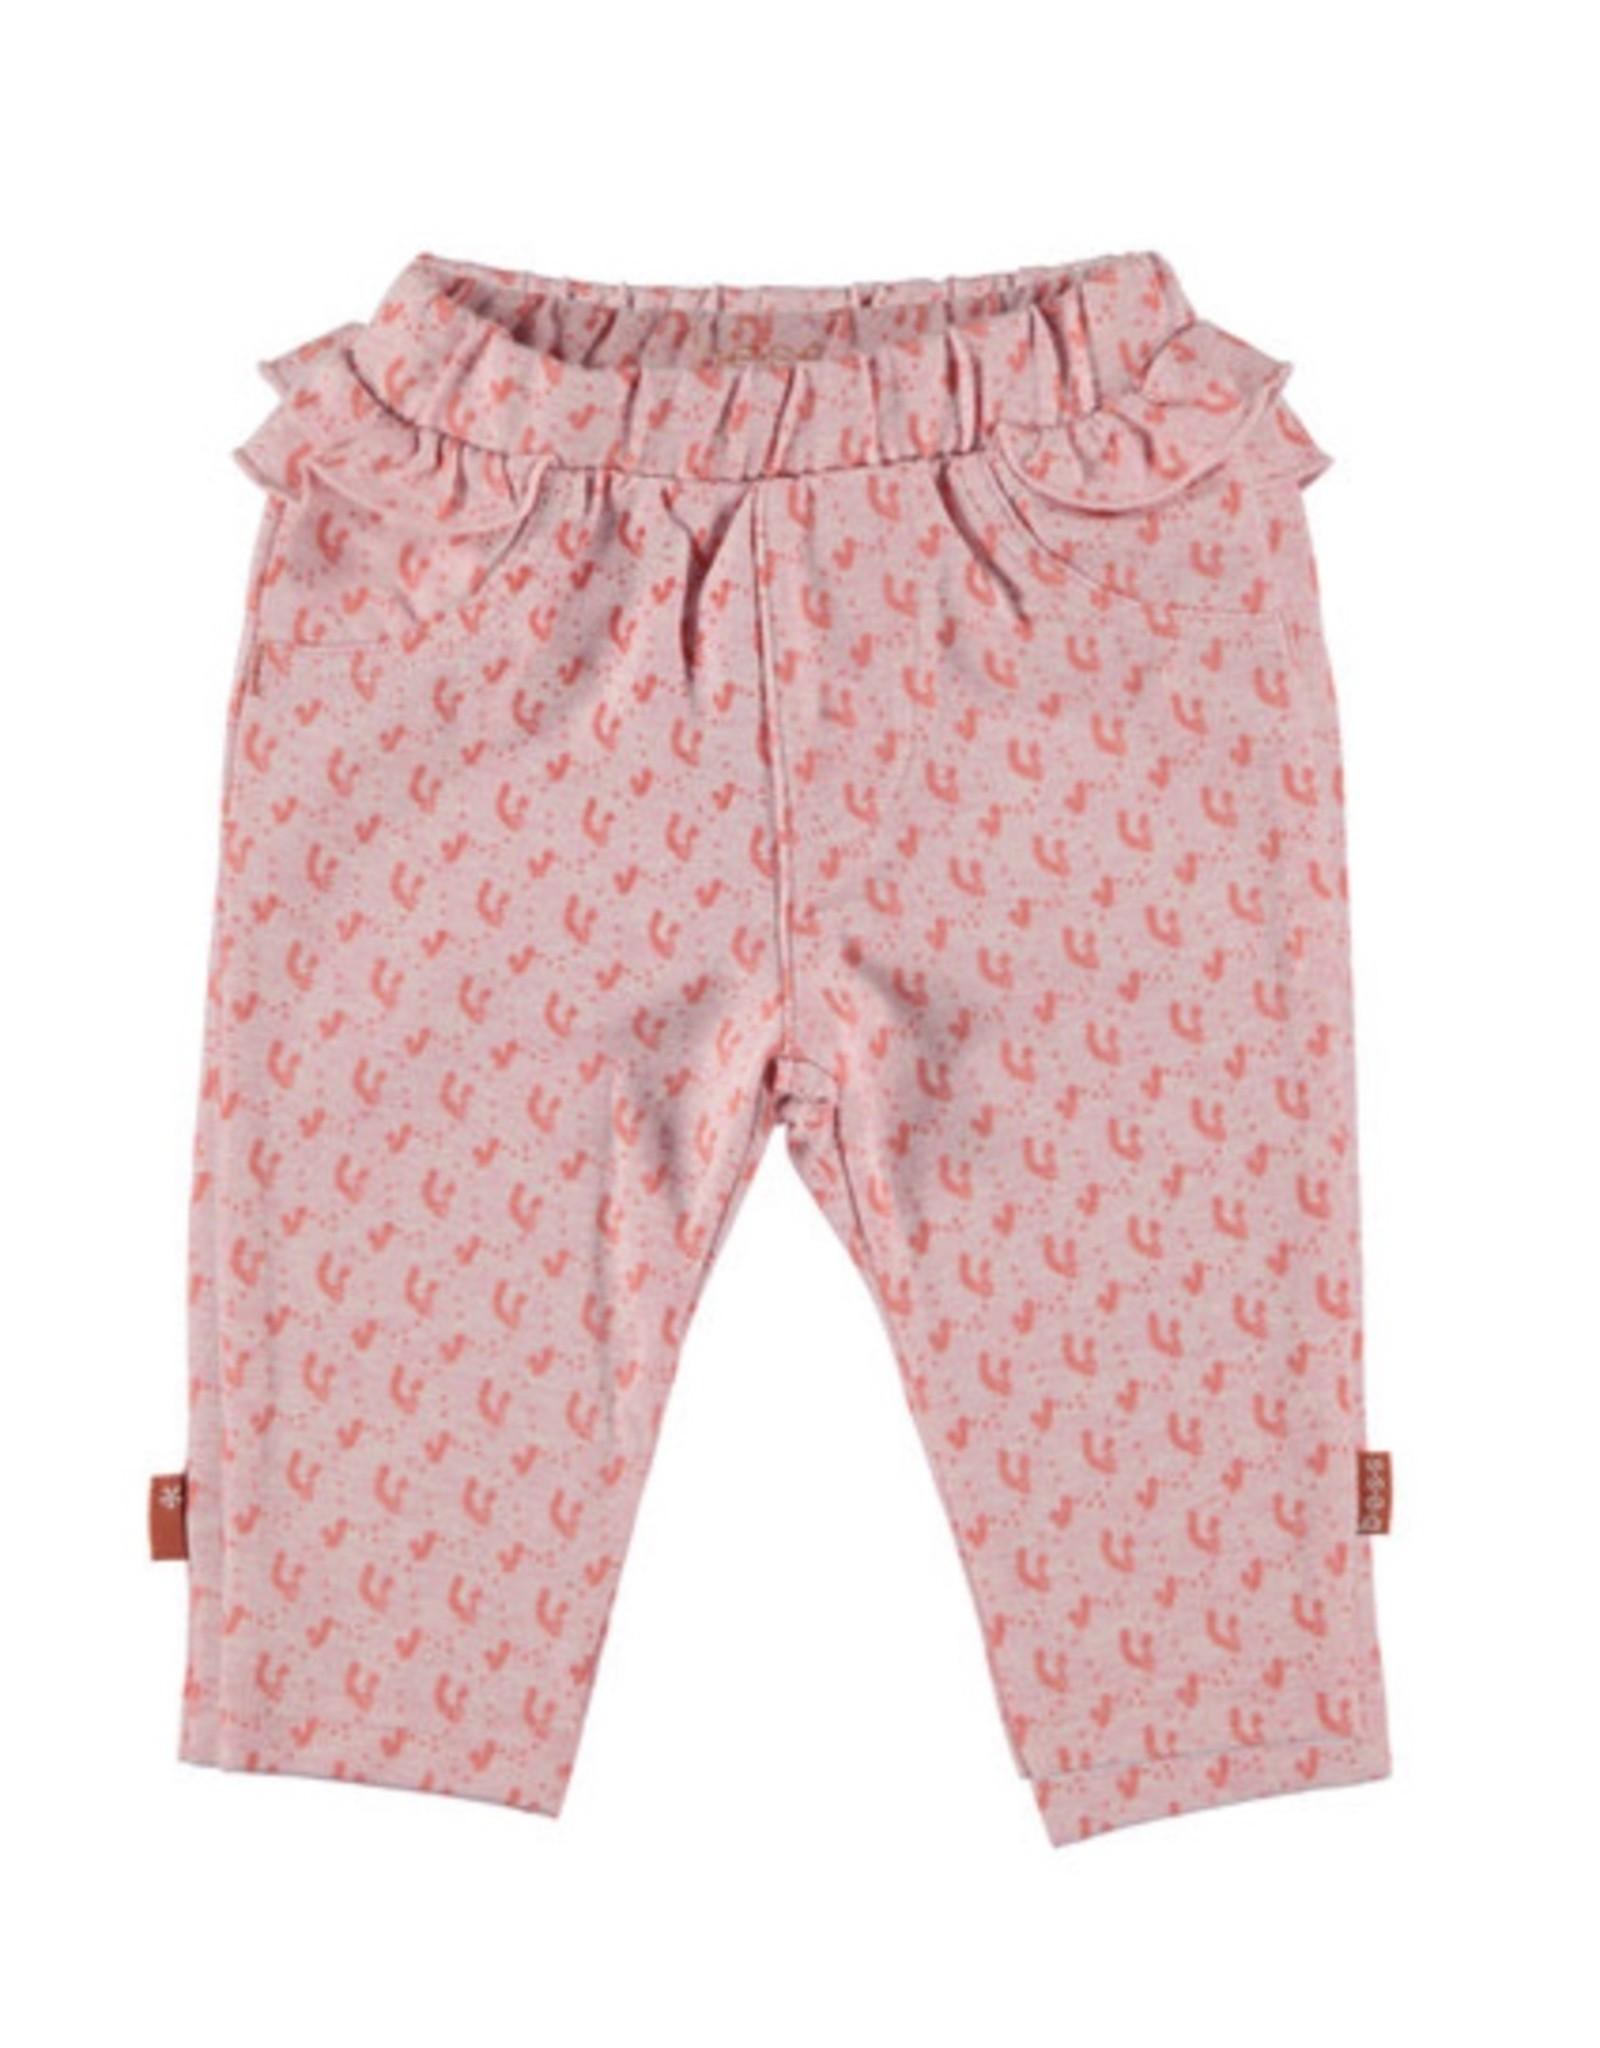 B*E*S*S 21033 Pants